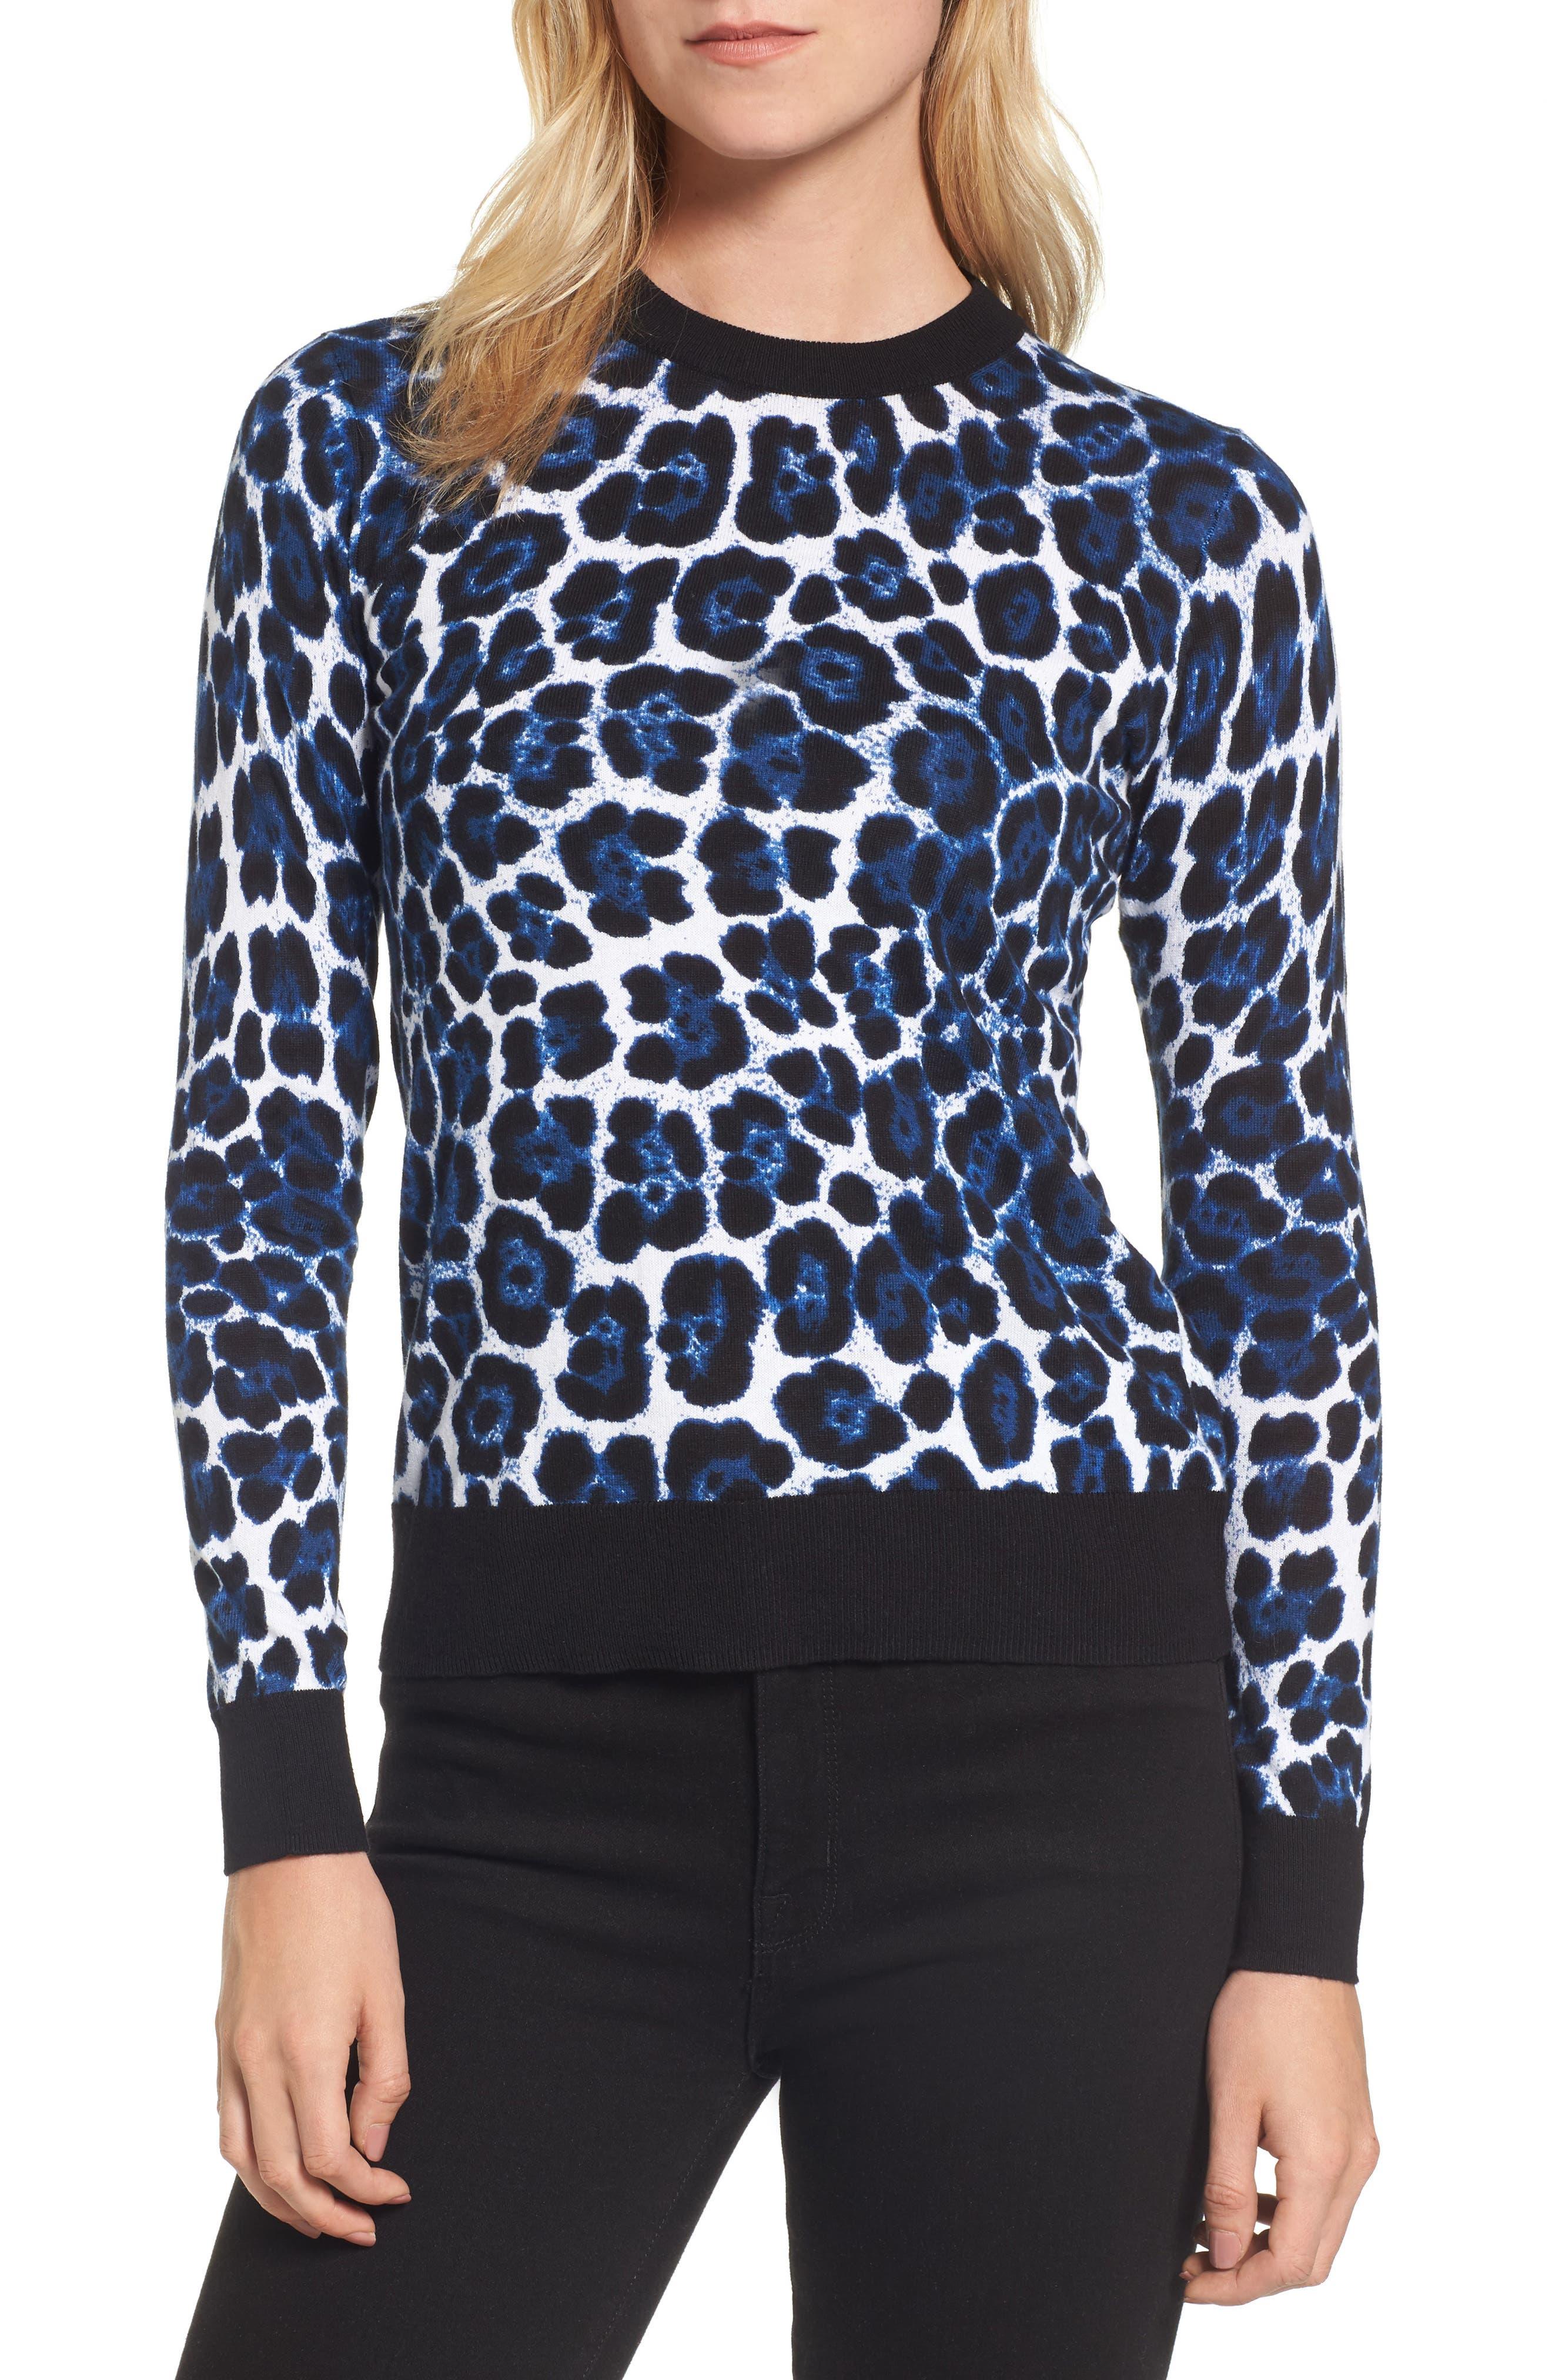 Main Image - MICHAEL Michael Kors Cheetah Print Sweater